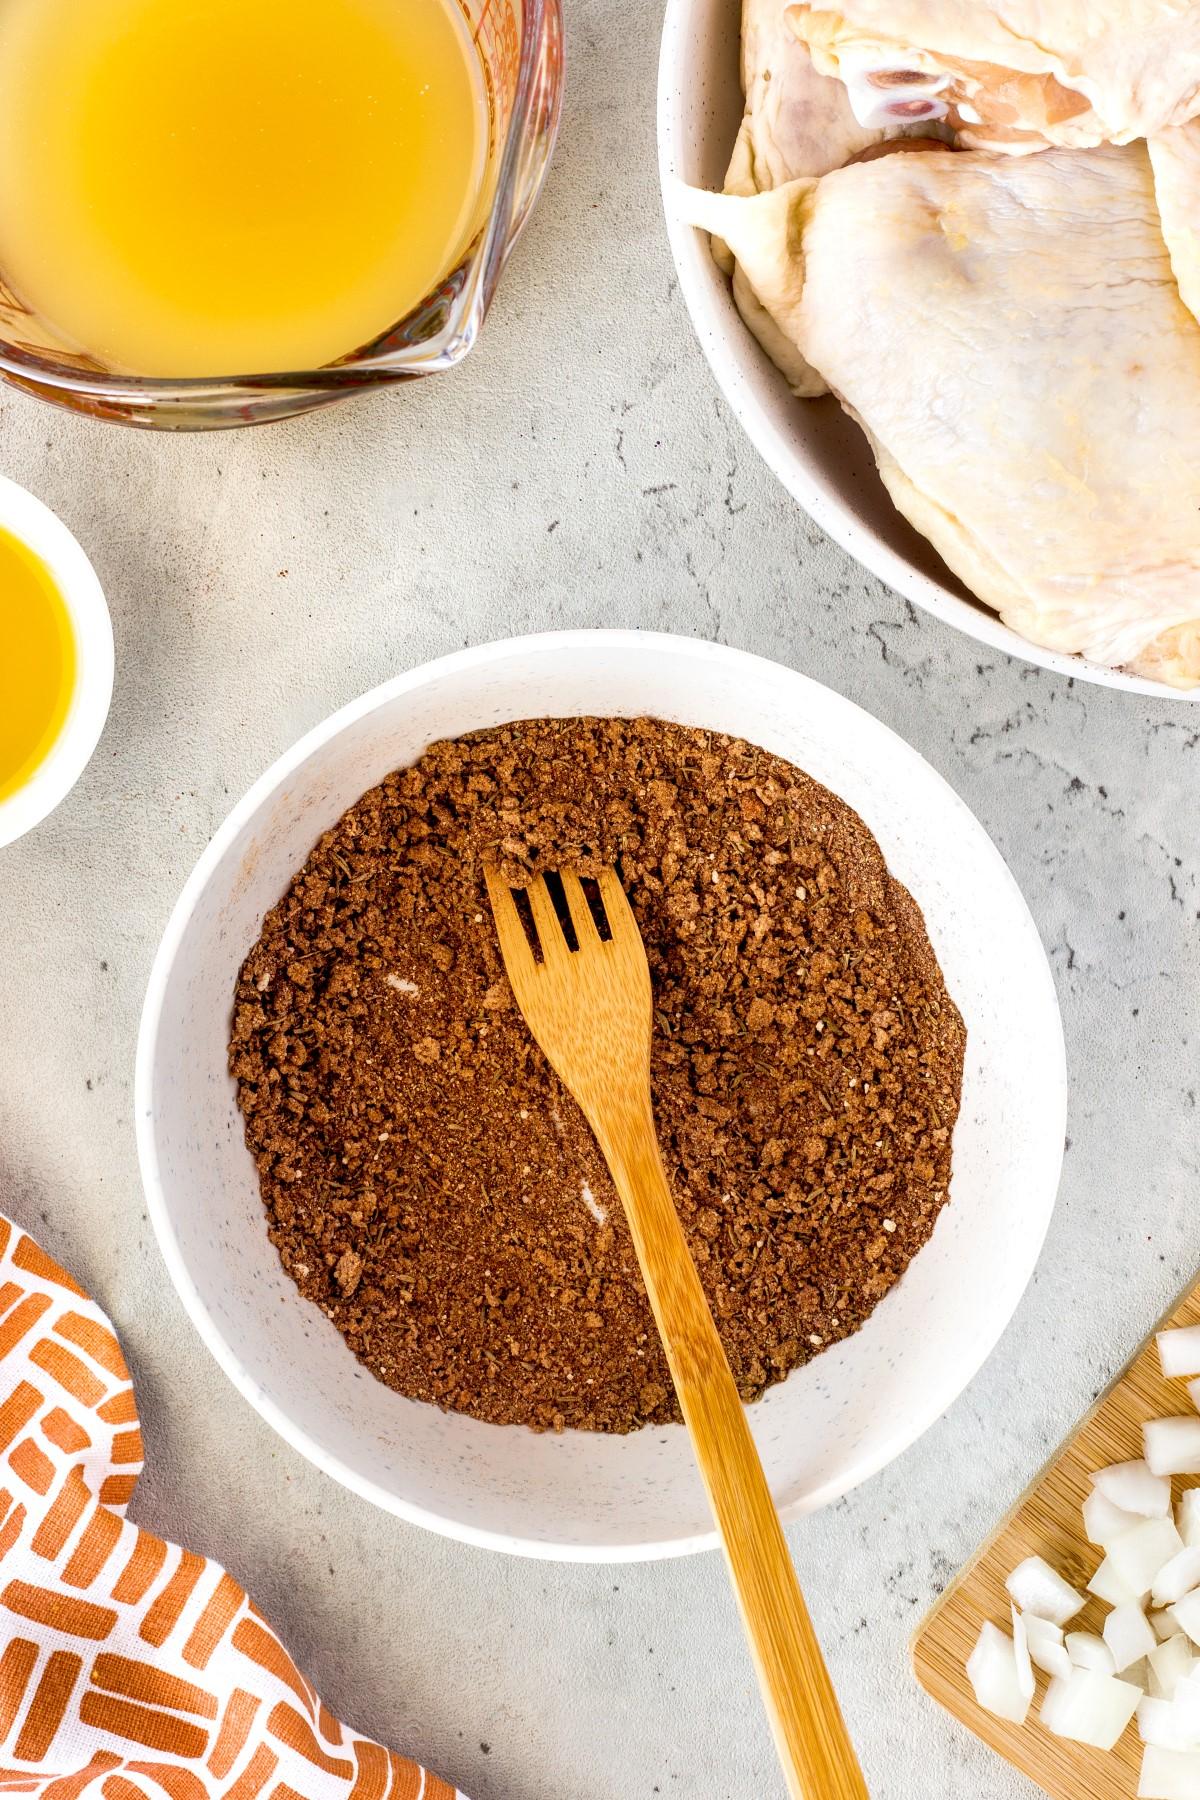 Jerk Chicken spices in a bowl